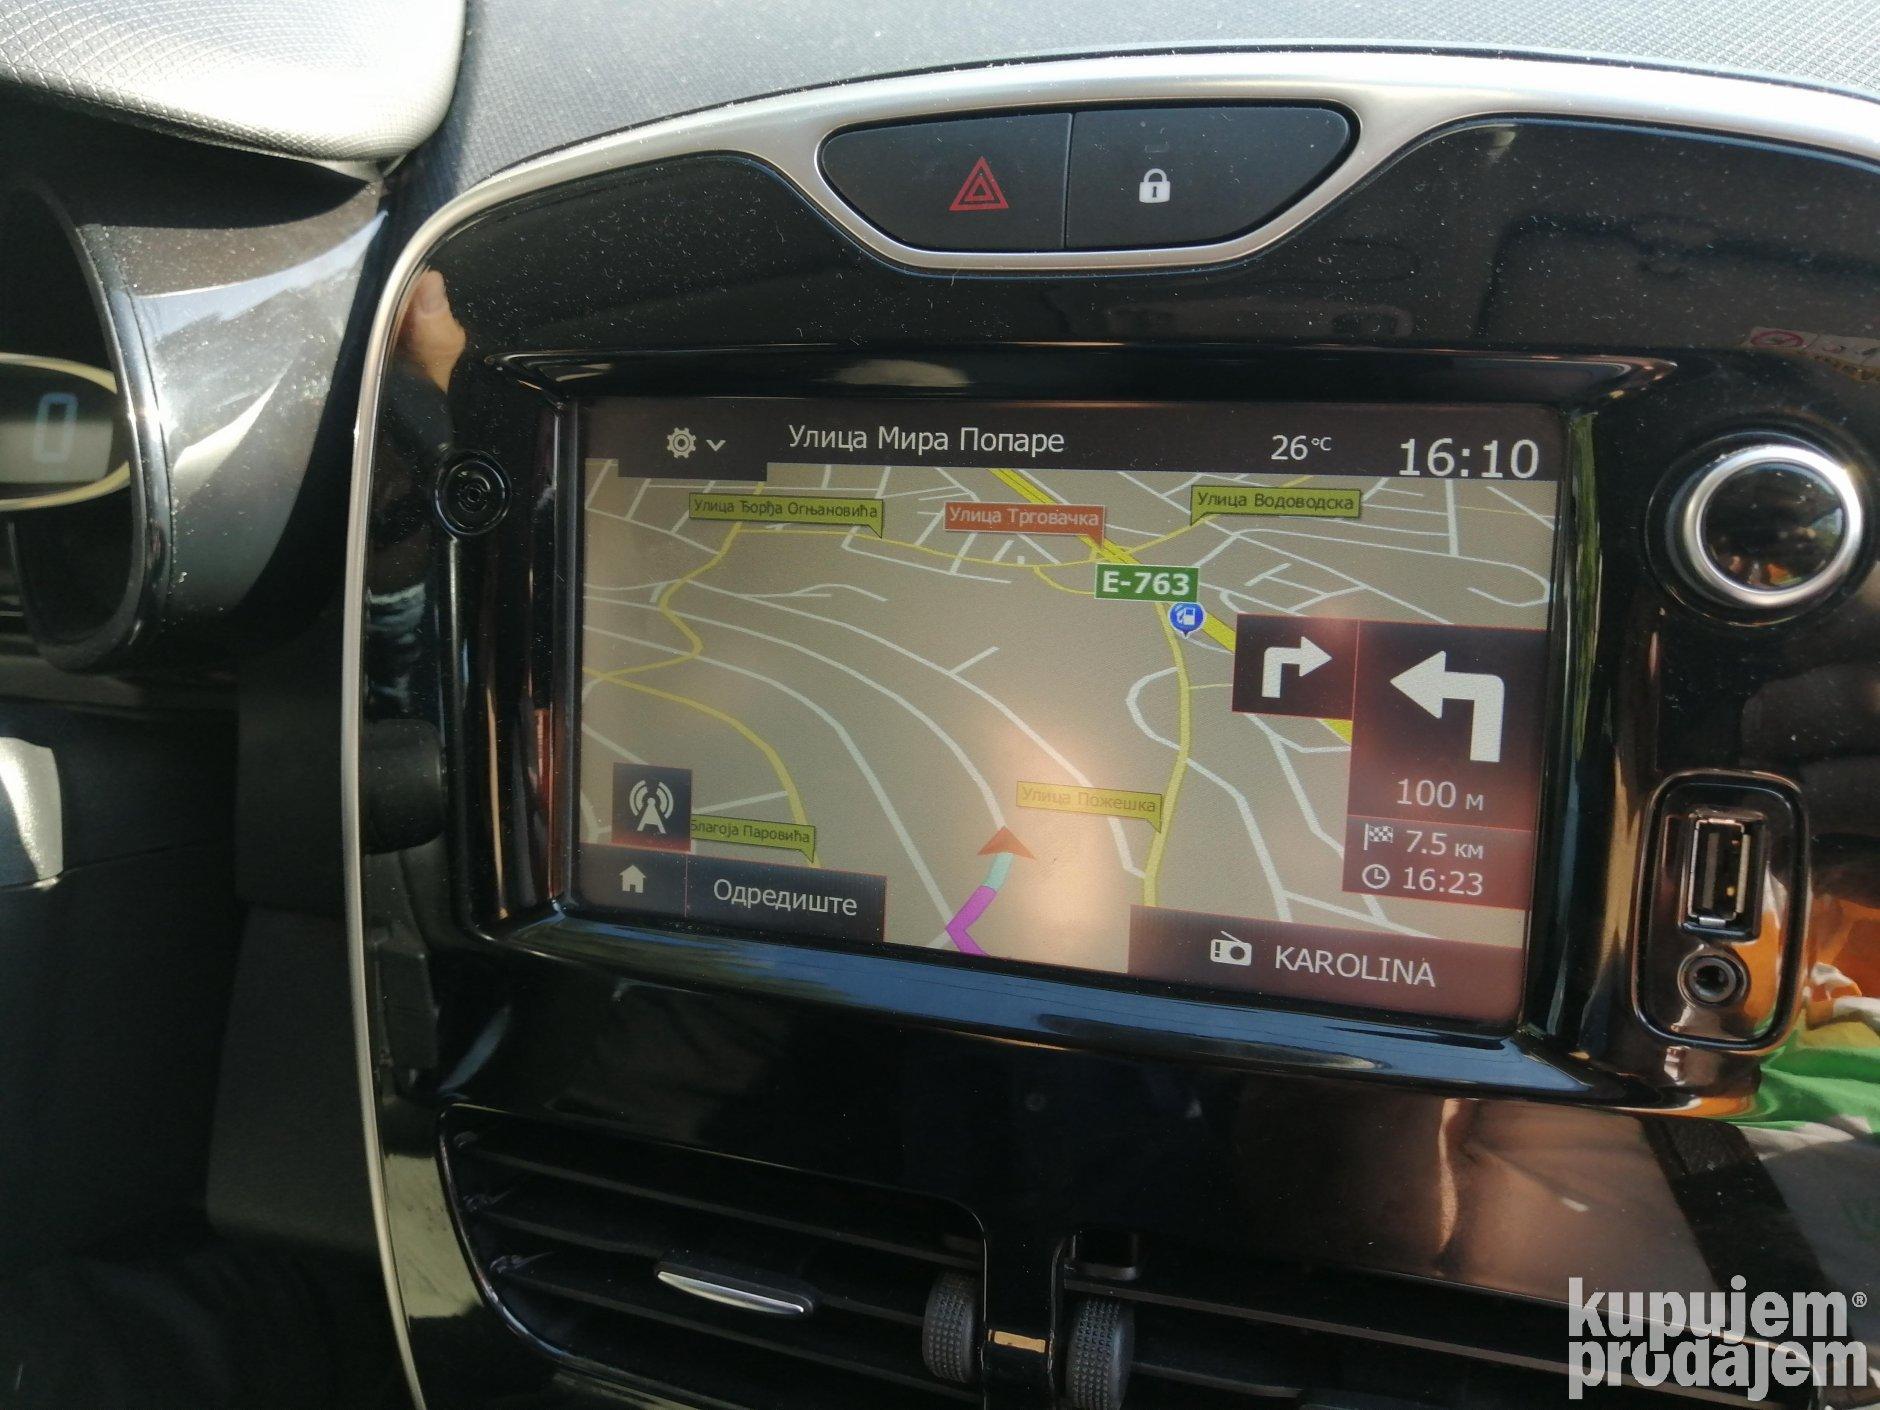 Automobili Oprema Mape Srbije I Eu Za Renault I Tomtom 28 03